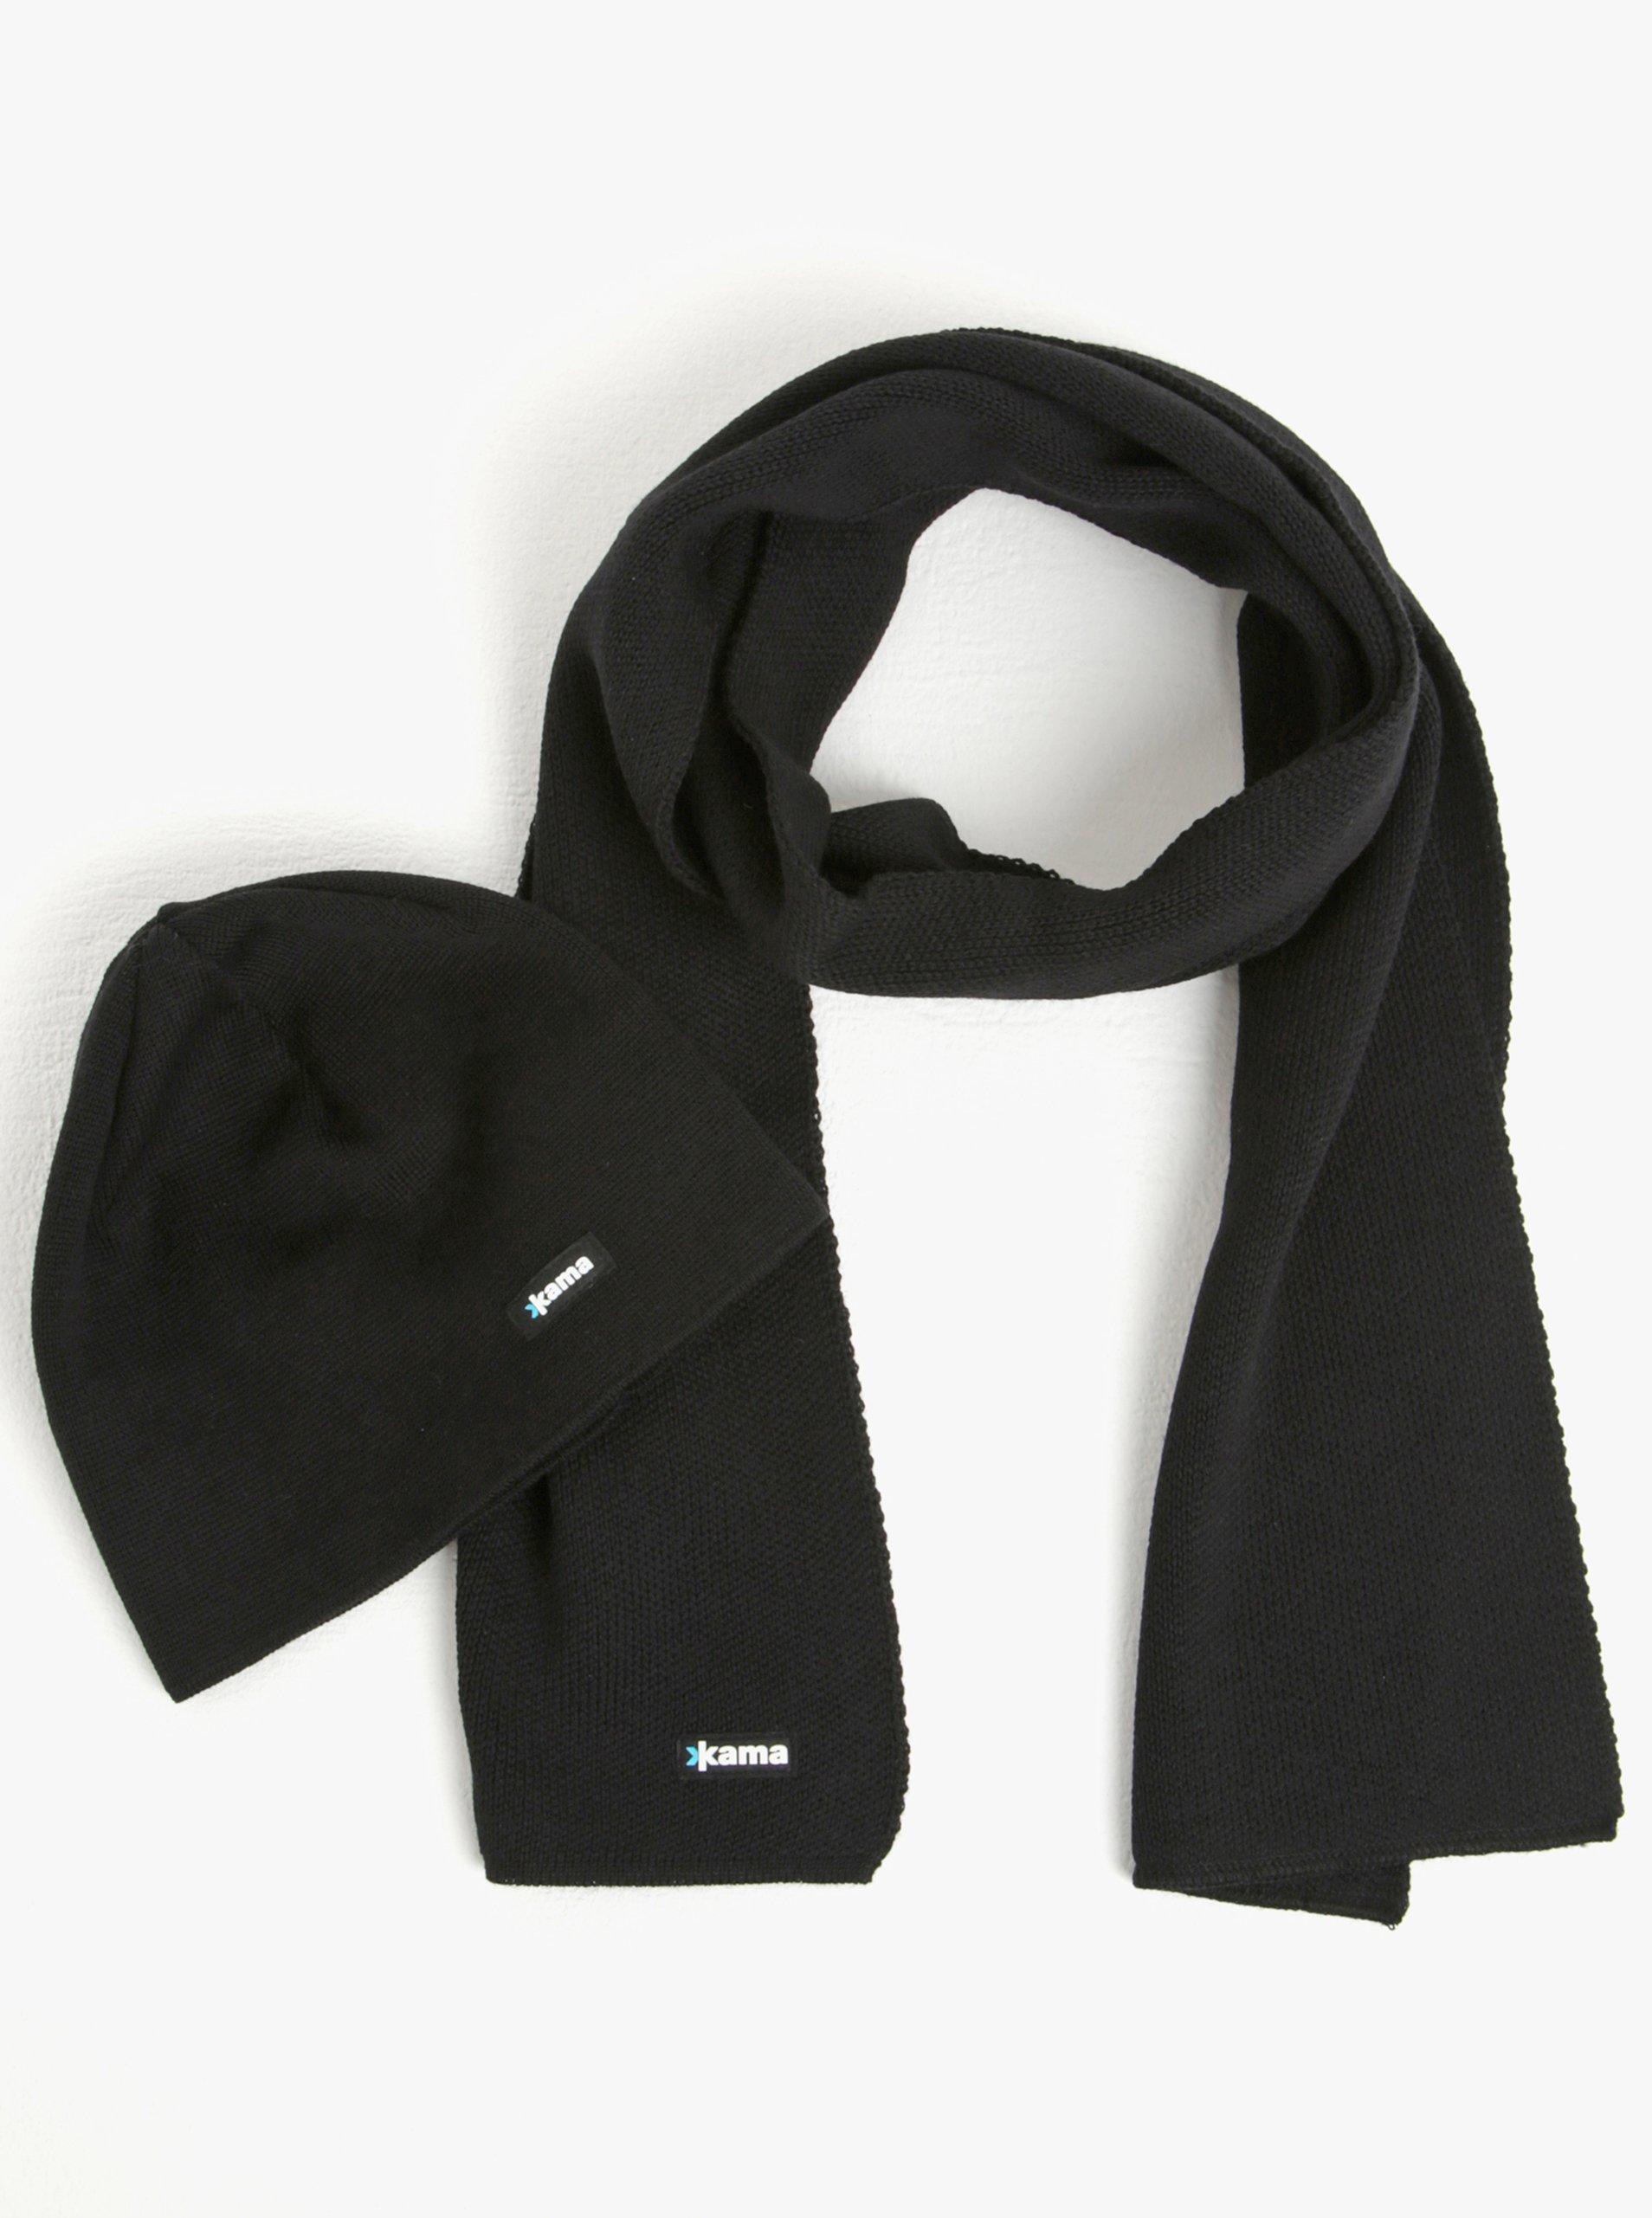 Set pánské zimní čepice a šály z Merino vlny v černé barvě Kama